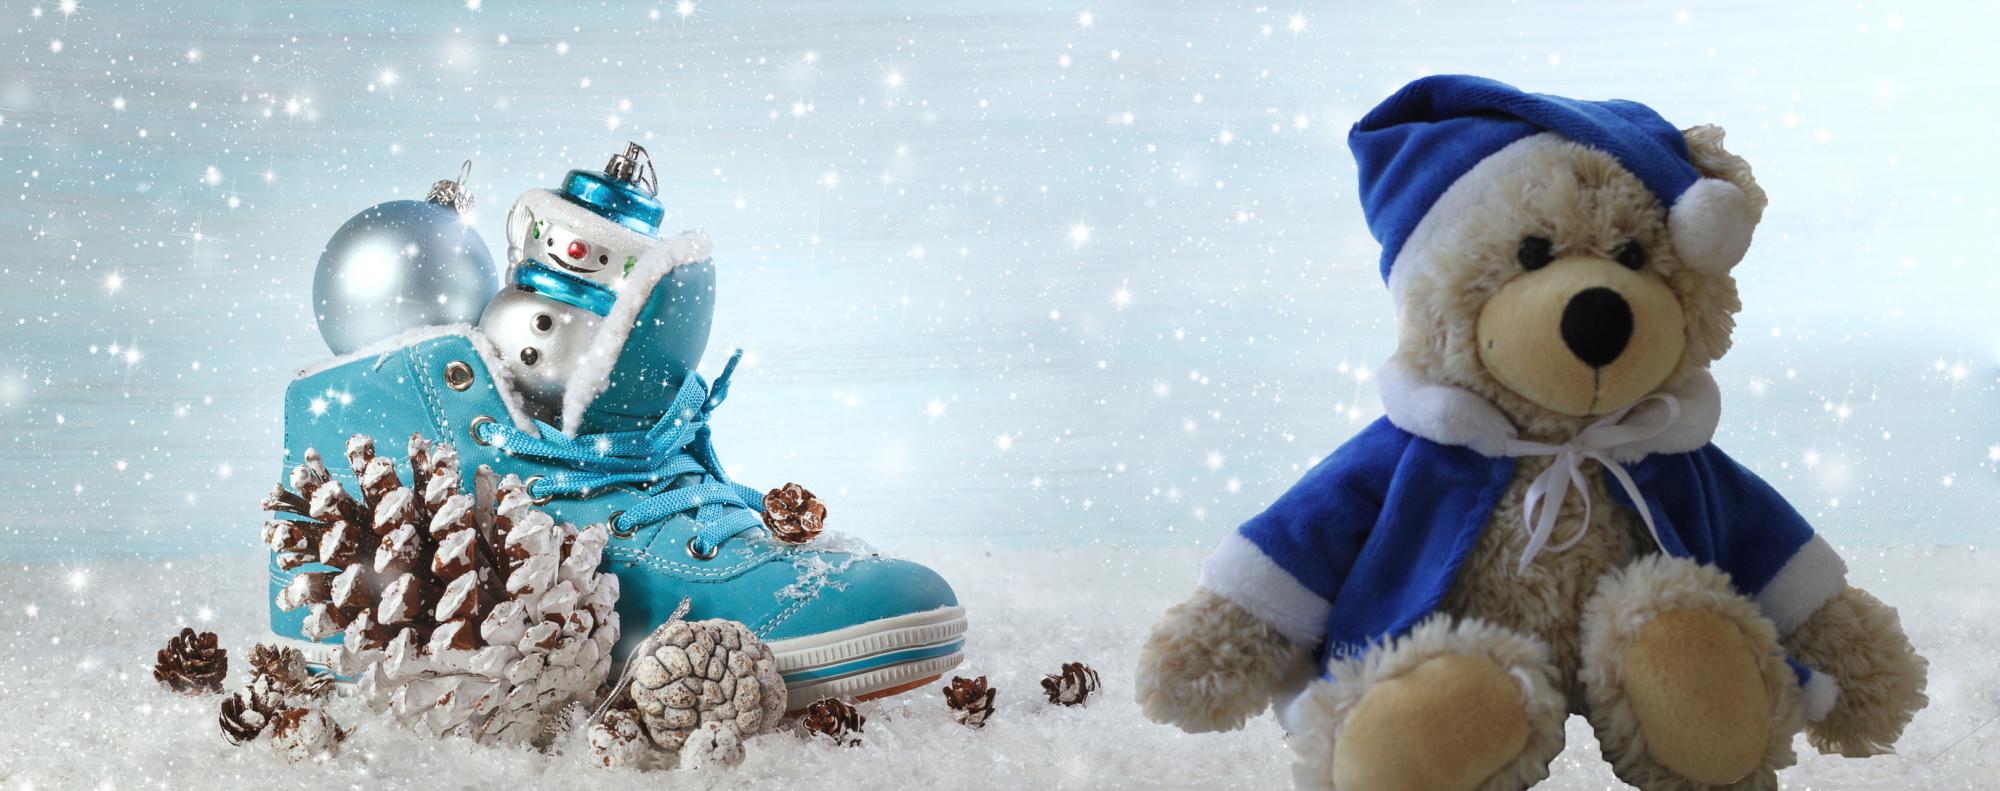 Teddy im Schnee mit Nikolausschuh